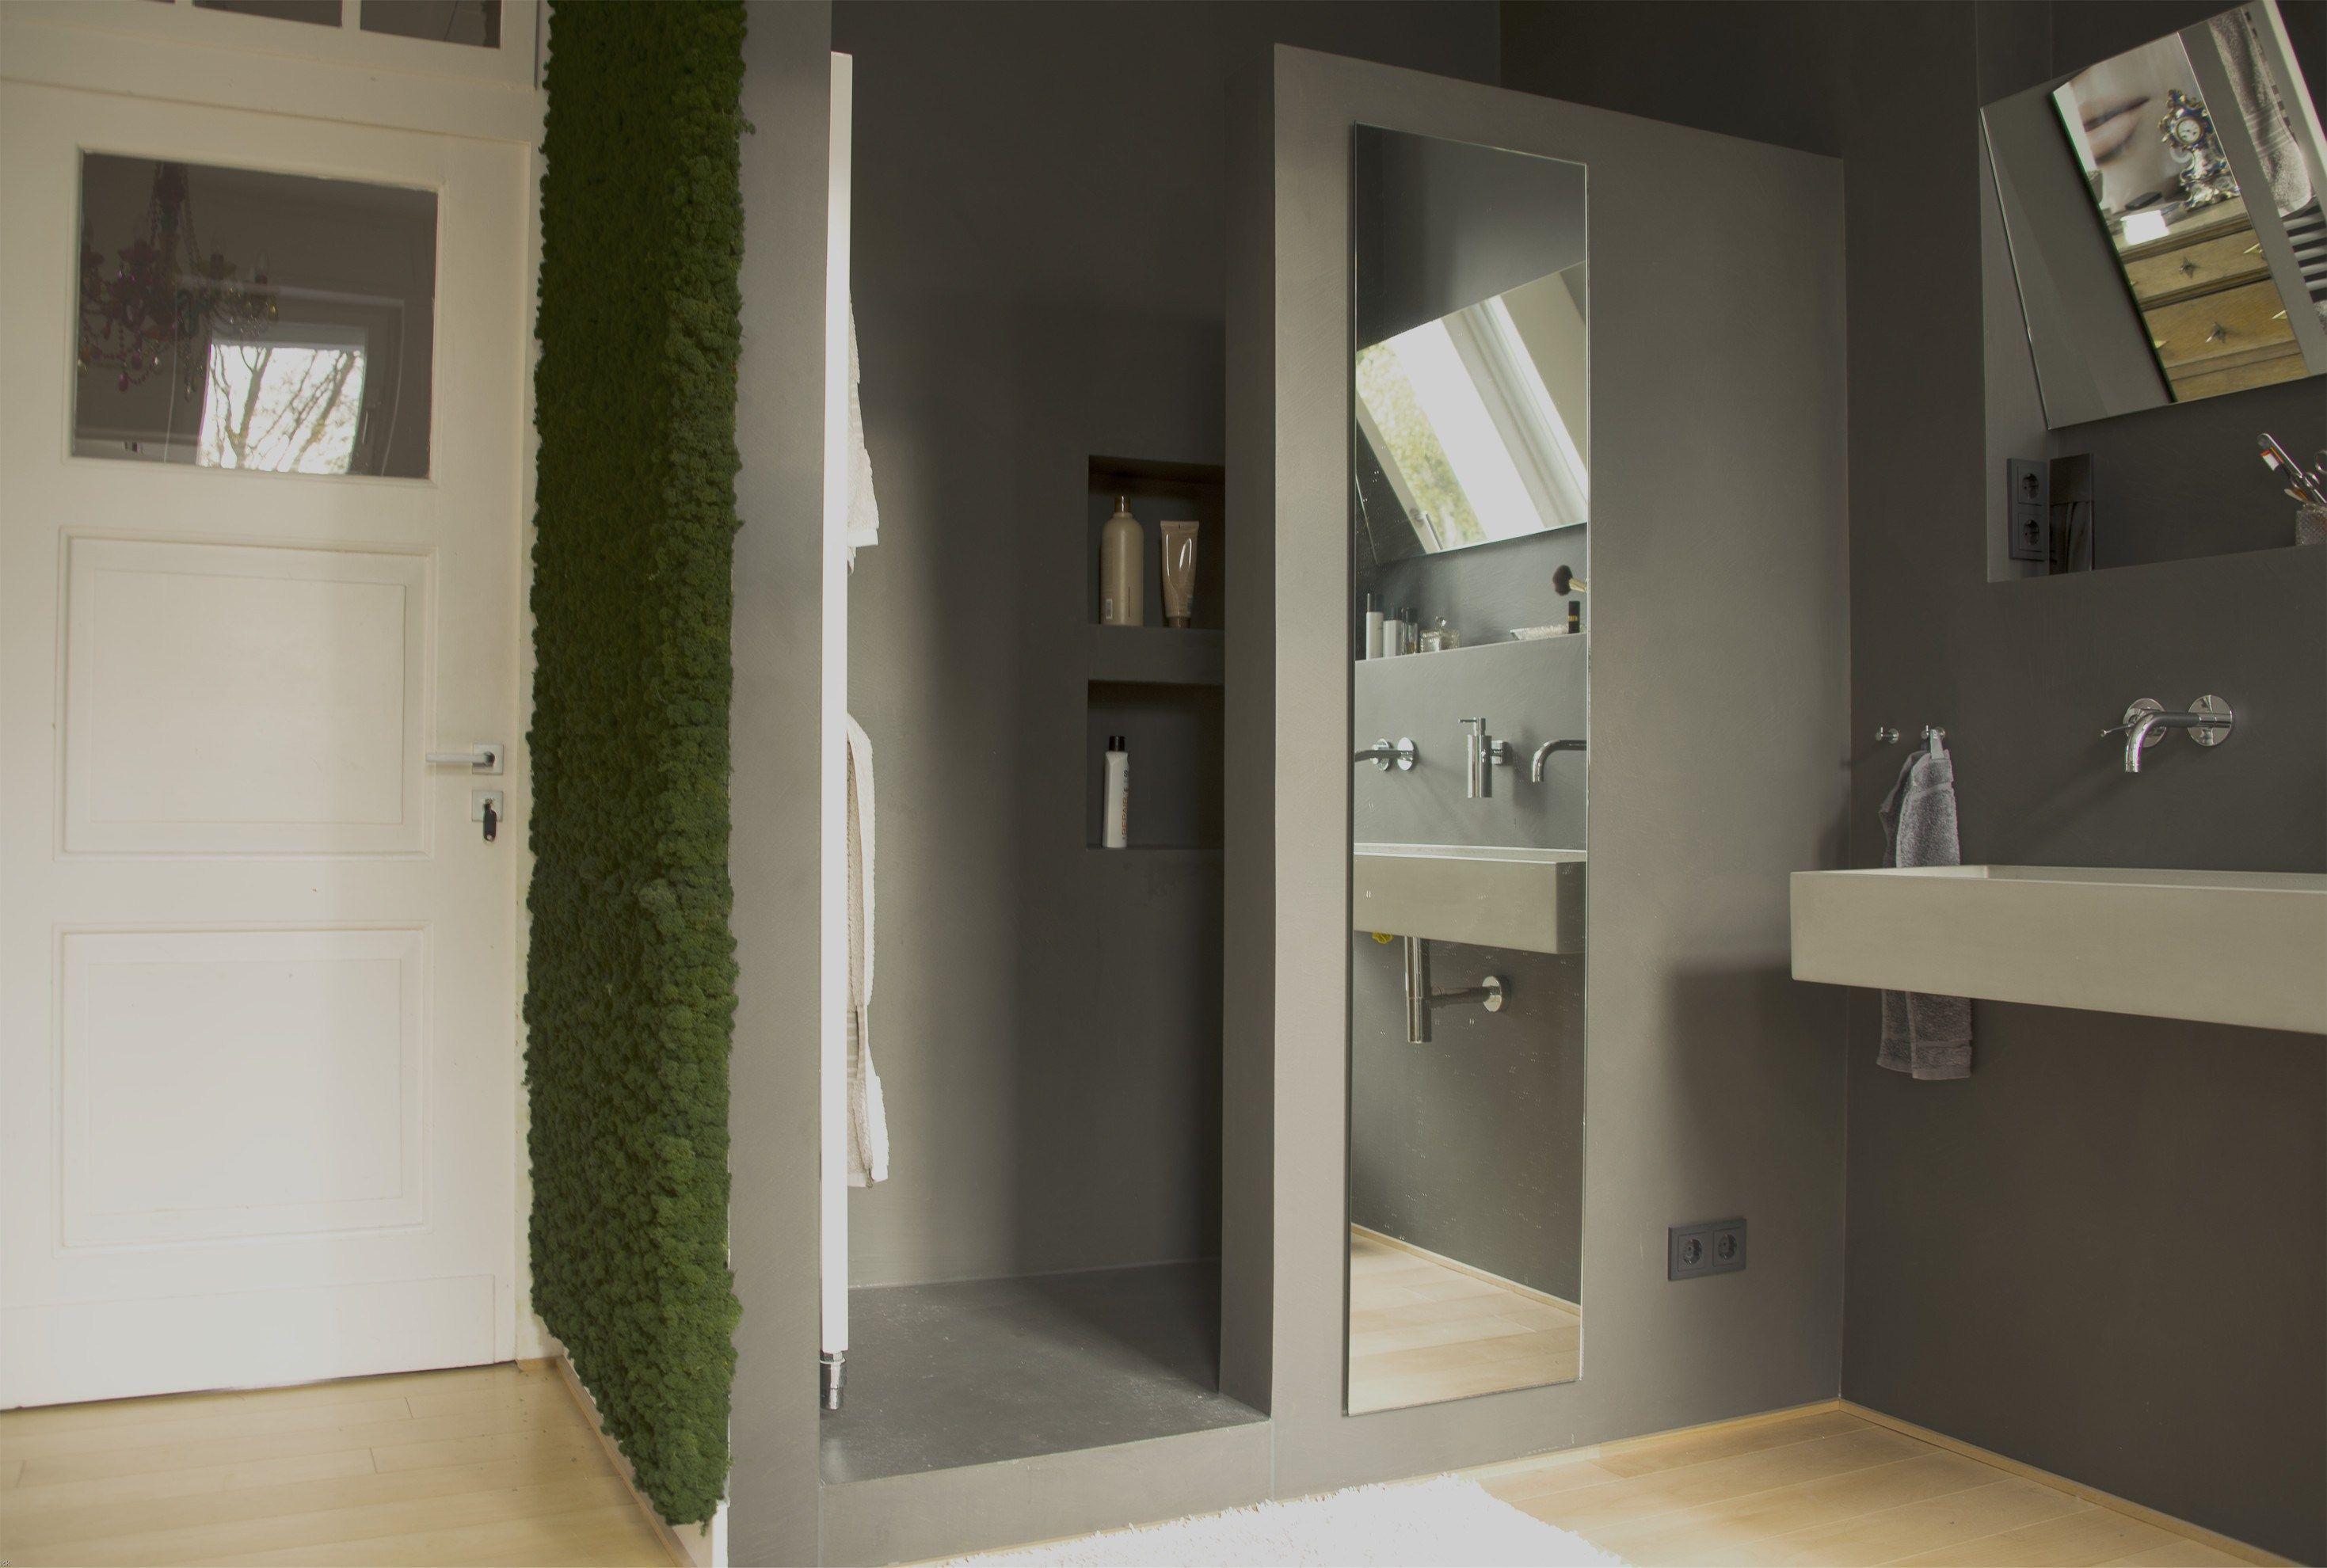 Putz Betonoptik dusche in wasserfestem putz in betonoptik bad bath